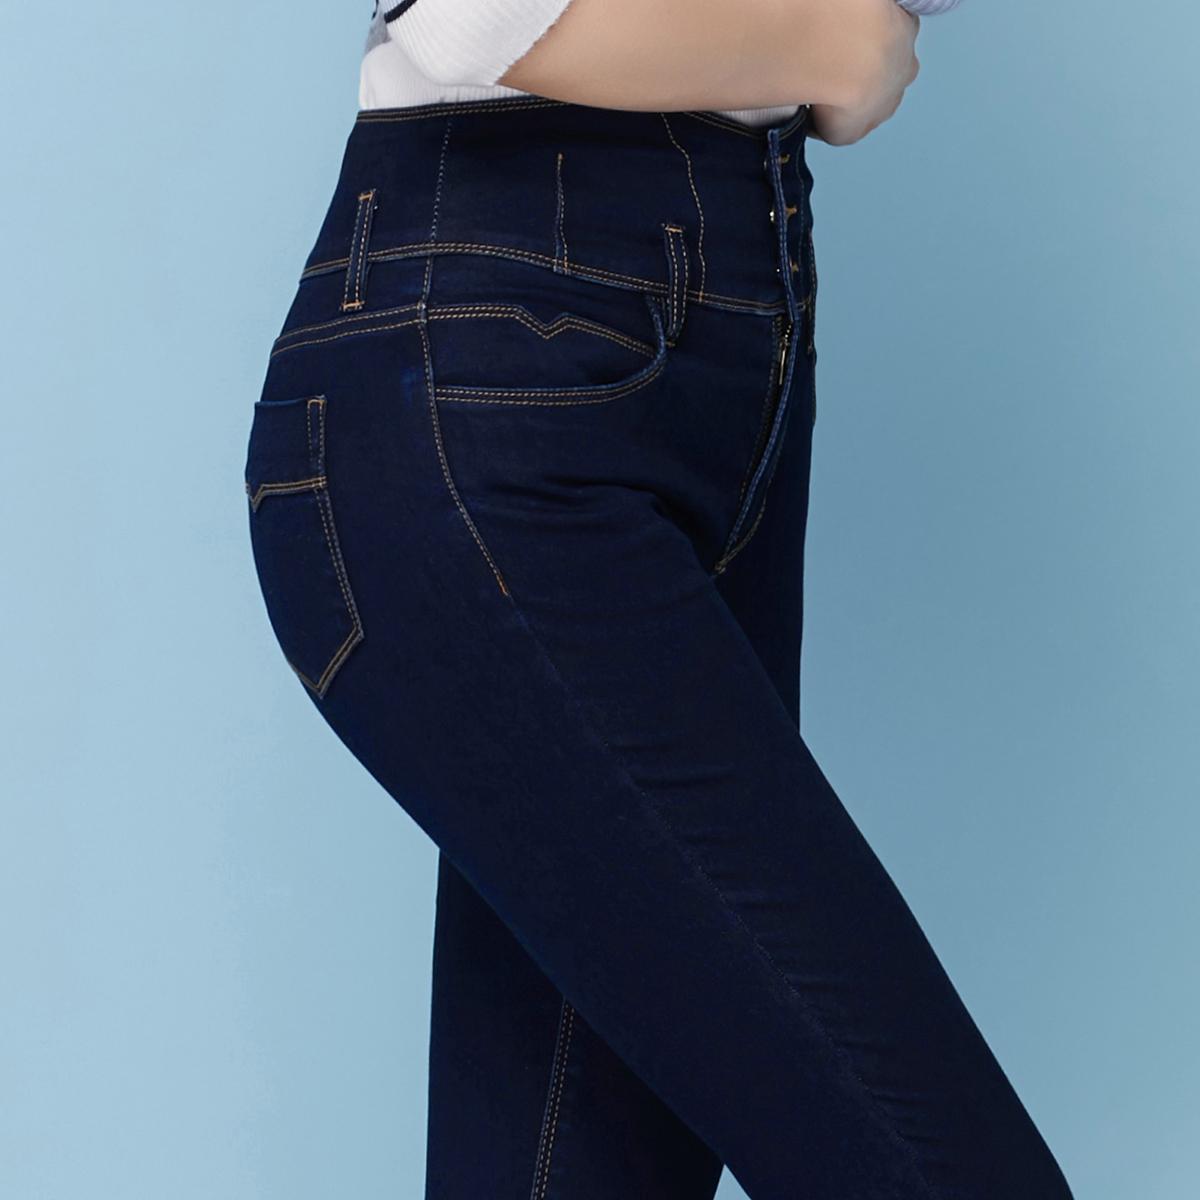 高腰加绒牛仔裤直筒小脚显瘦1元优惠券